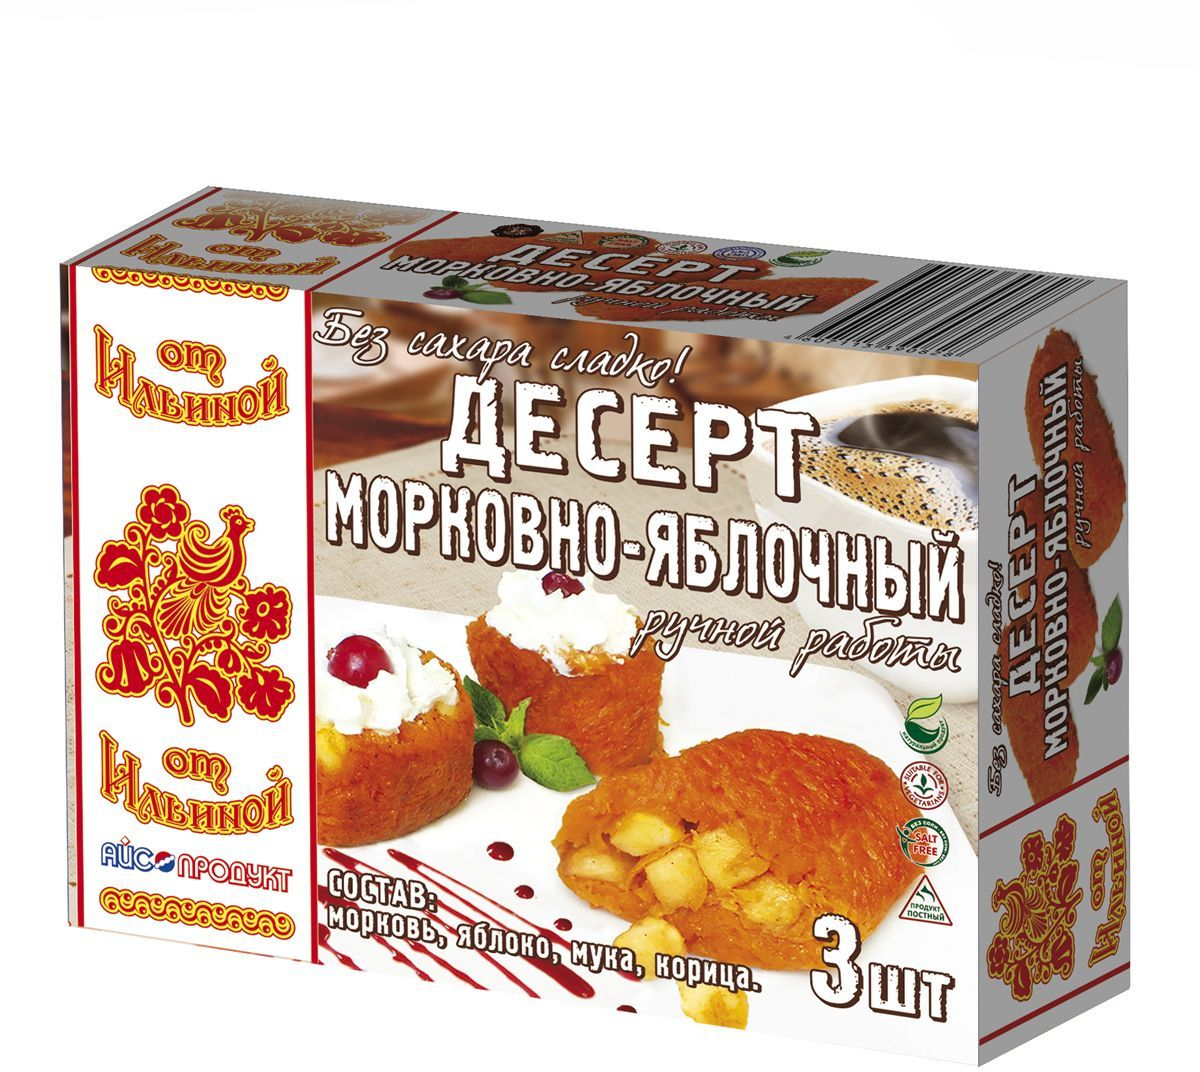 От Ильиной Десерт морковно-яблочный, 300 г908Нежный десерт ручной работы. Без сахара! Подходит для Поста. Можно запекать в духовке или жарить на сковороде.